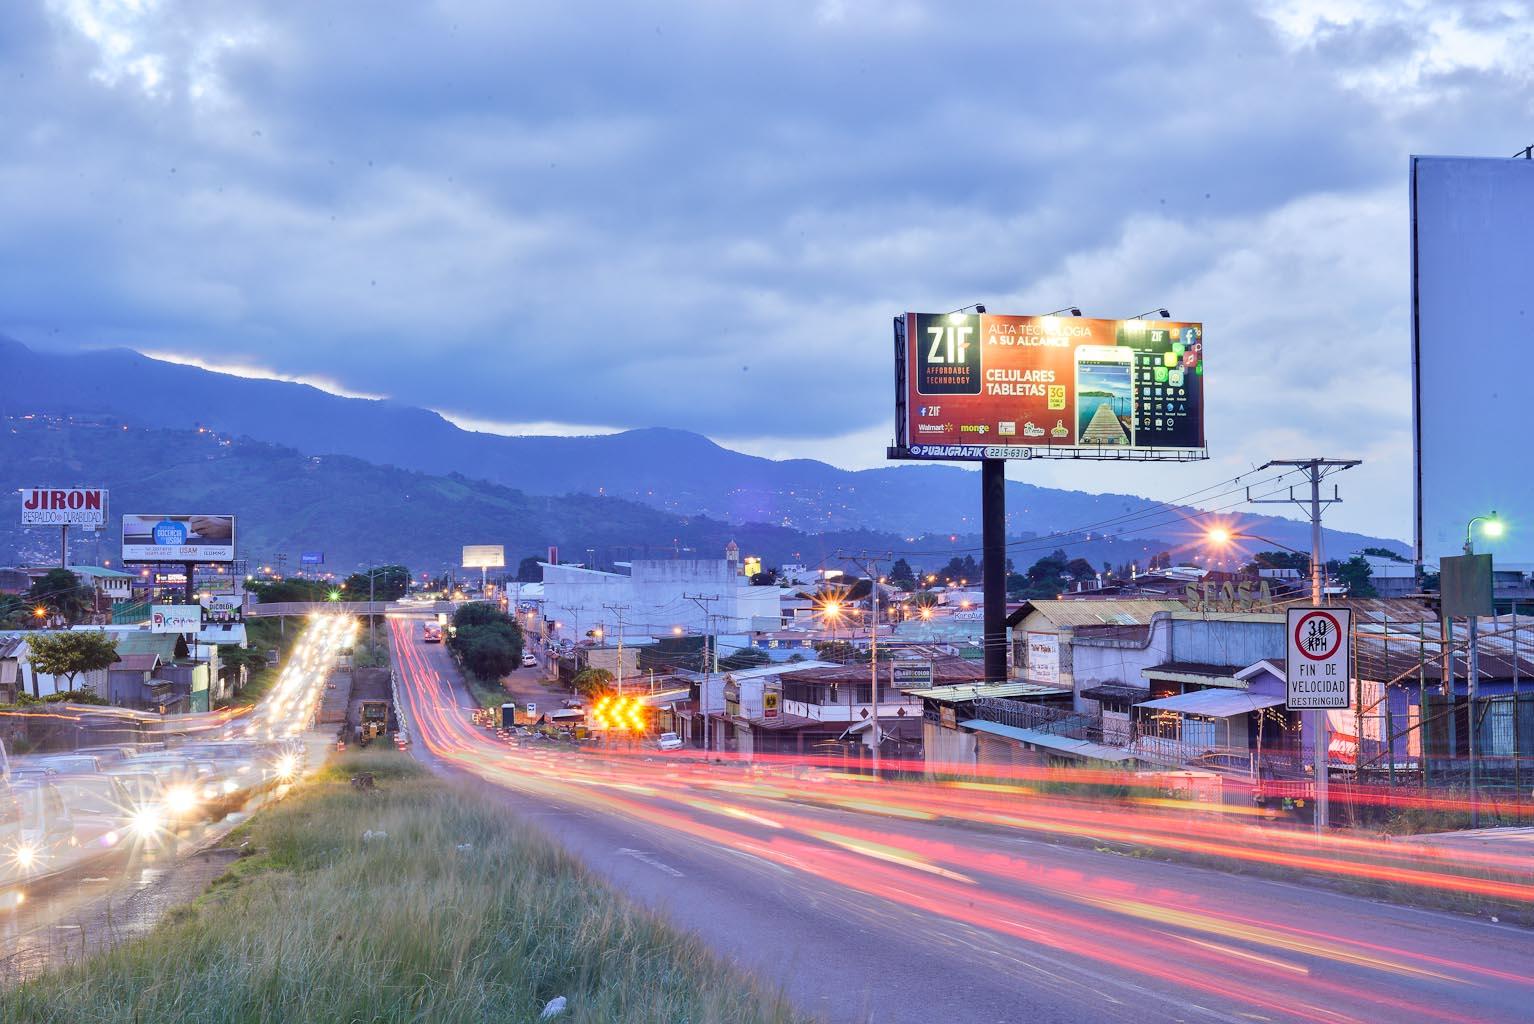 Guacamaya-Cara-A-1